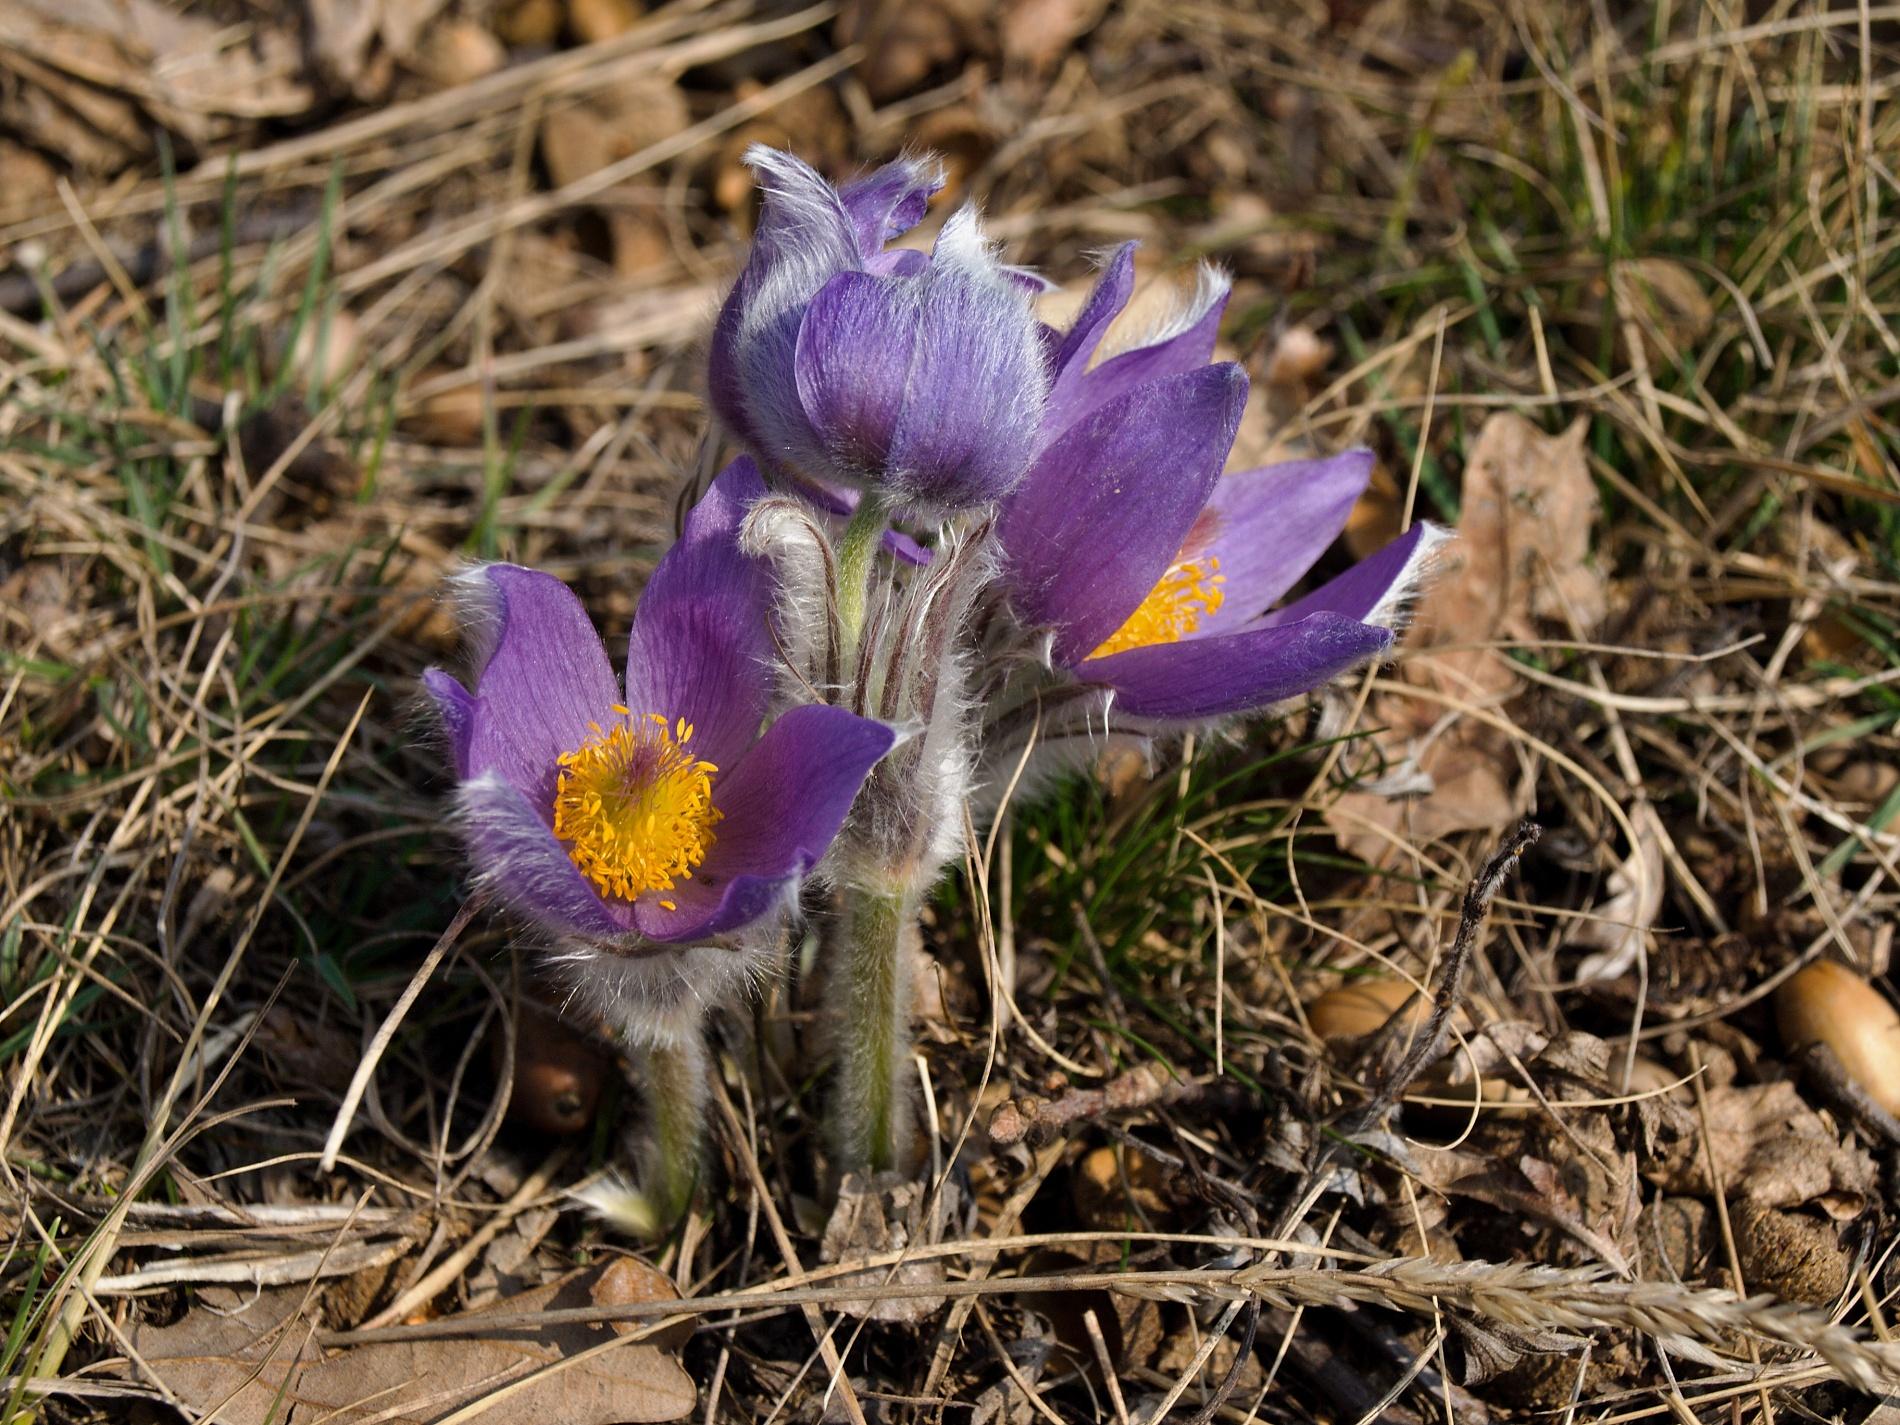 Krása v detailu. Koniklec velkokvětý je, na rozdíl od jiných jarních květů, matný, a tak se tolik na slunci nepřepaluje. Úskalím jeho focení jsou jeho jemné chloupky. Musíte velmi dobře nastavit hloubku ostrosti, chcete-li jej správně zachytit, tím spíše více květů v trsu najednou. Když se vám to ale povede, je to nádhera, že? Tyto květy byly vyfoceny v lokalitě PR Biskoupský kopec nad údolím Jihlavy. Olympus E-510, 14.00 – 42.00 mm, 1/160 s, F7.1, ISO100, ohnisko (EQ35) 70 mm. Vyvoláno z RAW v ZPS pro dosažení jemnějších detailů a věrnějších barev.jpg